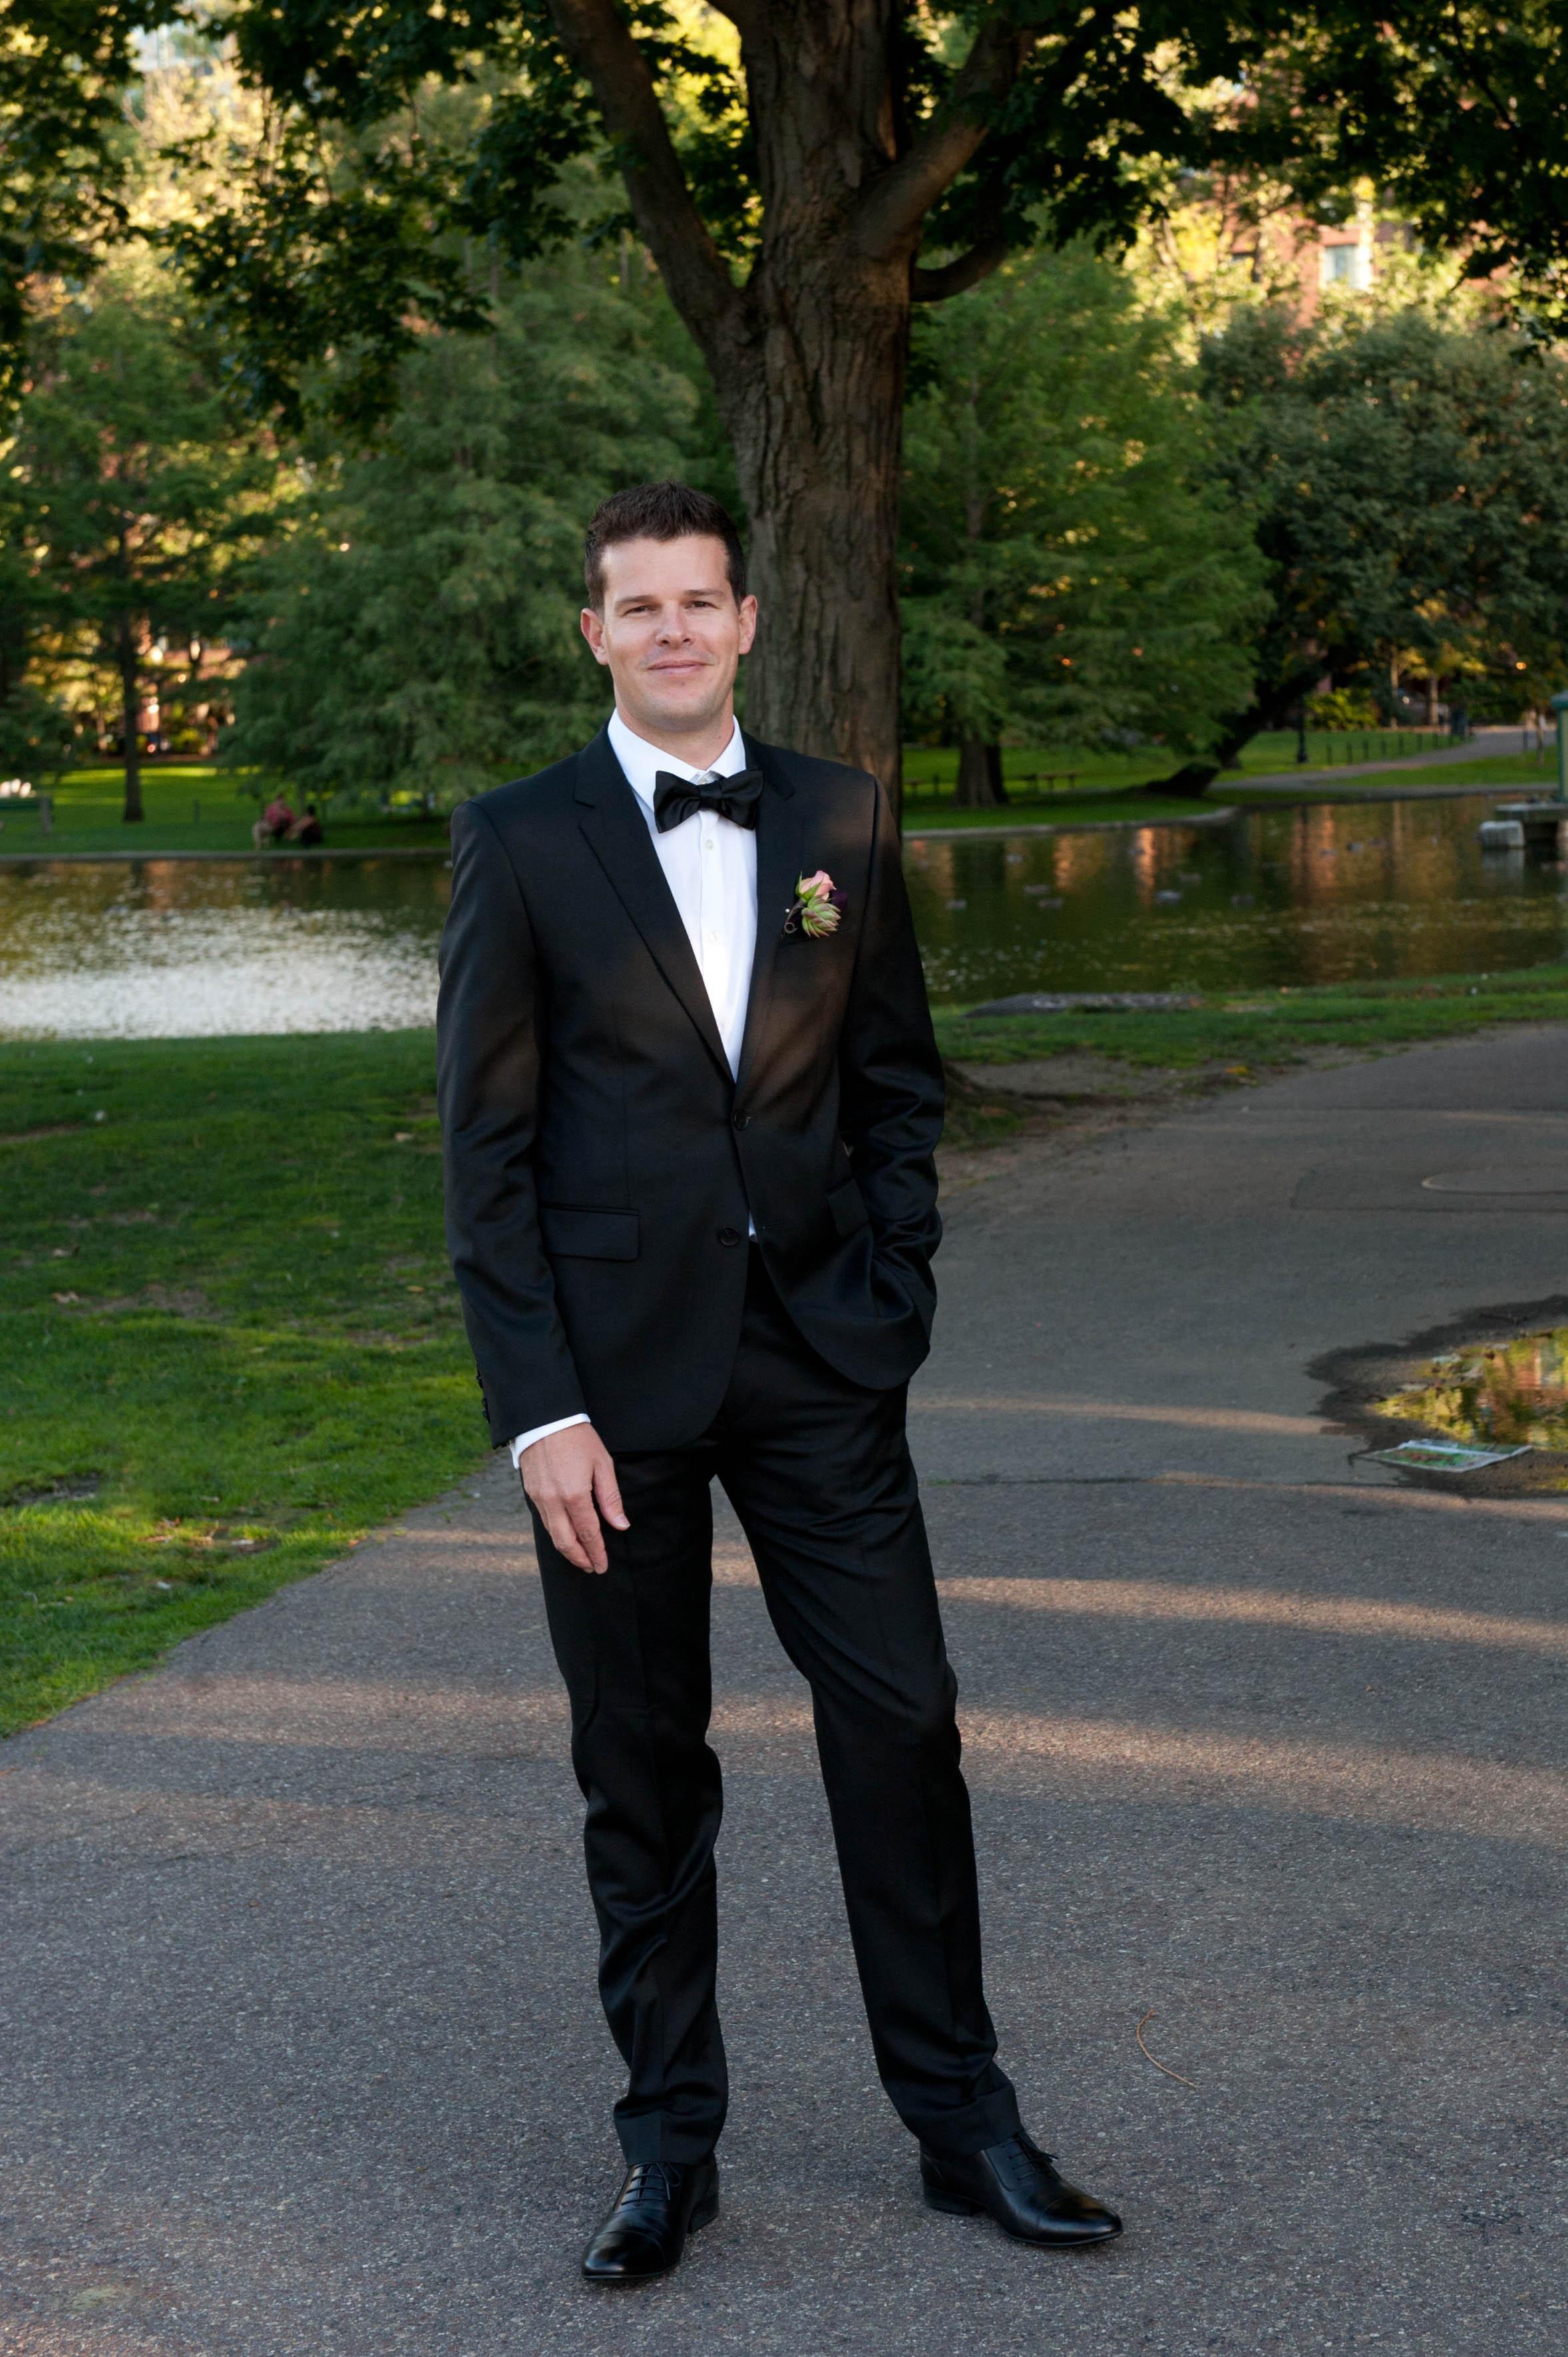 Taj_Wedding_Boston-24.jpg